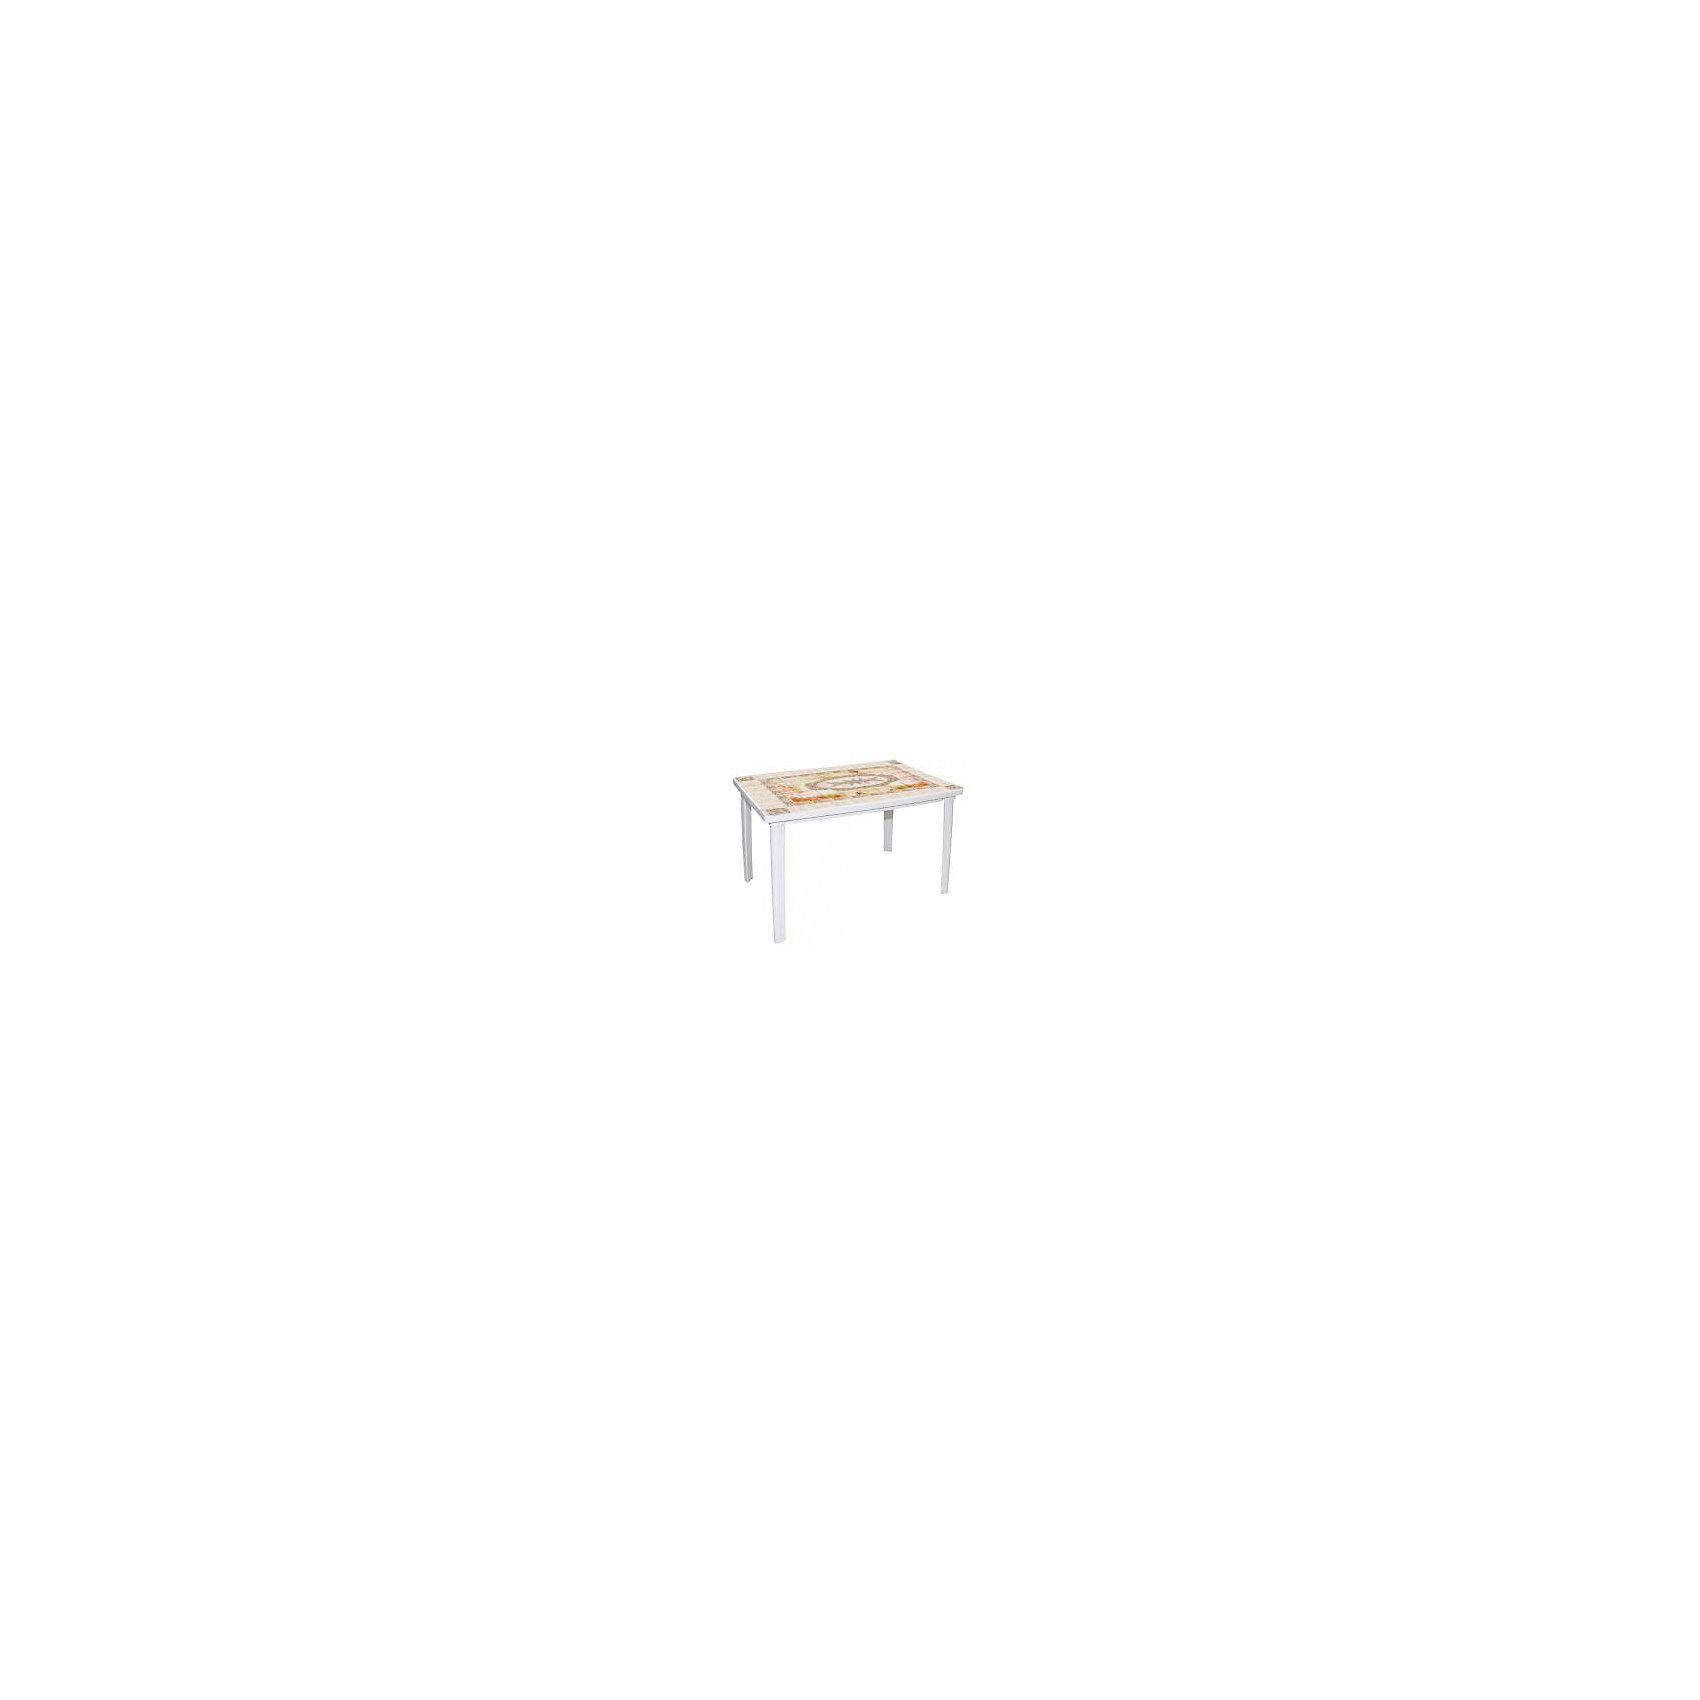 Стол Верона прямоуг1200х850х750, Alternativa, белыйМебель<br>Стол Верона прямоуг1200х850х750, Alternativa (Альтернатива), белый<br><br>Характеристики:<br><br>• привлекательный узор<br>• устойчивые ножки<br>• легко мыть<br>• материал: пластик<br>• размер: 120х85х75 см<br>• форма: прямоугольный<br>• вес: 6,344 кг<br>• цвет: белый<br><br>Стол Верона - настоящая находка для ценителей качественной и красивой мебели. Он изготовлен из высококачественного пластика и оформлен привлекательным узором в итальянском стиле. Ножки устойчиво располагаются на любой поверхности. Стол легко моется от загрязнений.<br><br>Стол Верона прямоуг1200х850х750, Alternativa (Альтернатива), белый вы можете купить в нашем интернет-магазине.<br><br>Ширина мм: 1200<br>Глубина мм: 850<br>Высота мм: 750<br>Вес г: 6344<br>Возраст от месяцев: 216<br>Возраст до месяцев: 1188<br>Пол: Унисекс<br>Возраст: Детский<br>SKU: 5475667